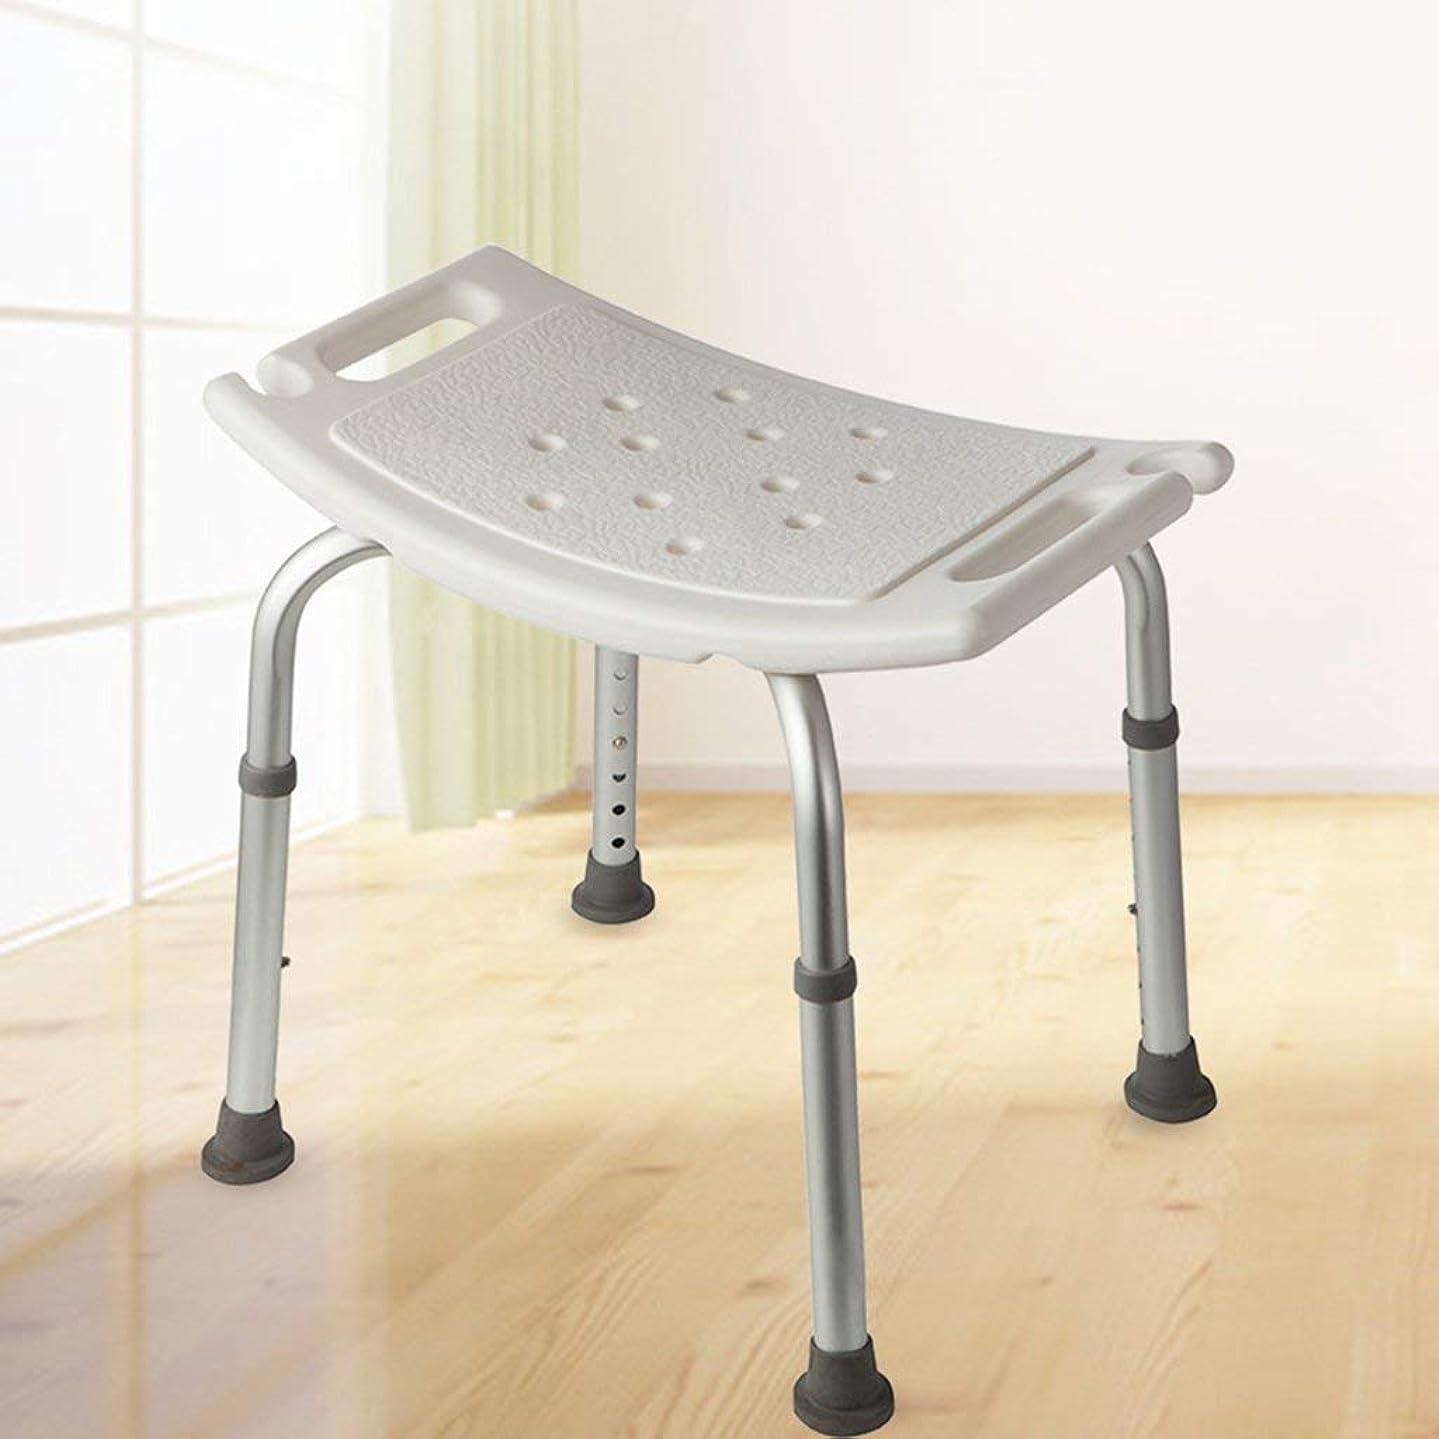 採用するサイレント不確実高さ調節可能、軽くてコンパクトで小さな椅子のシャワー、調節可能なシャワーチェア、バスベンチ、バスベンチ